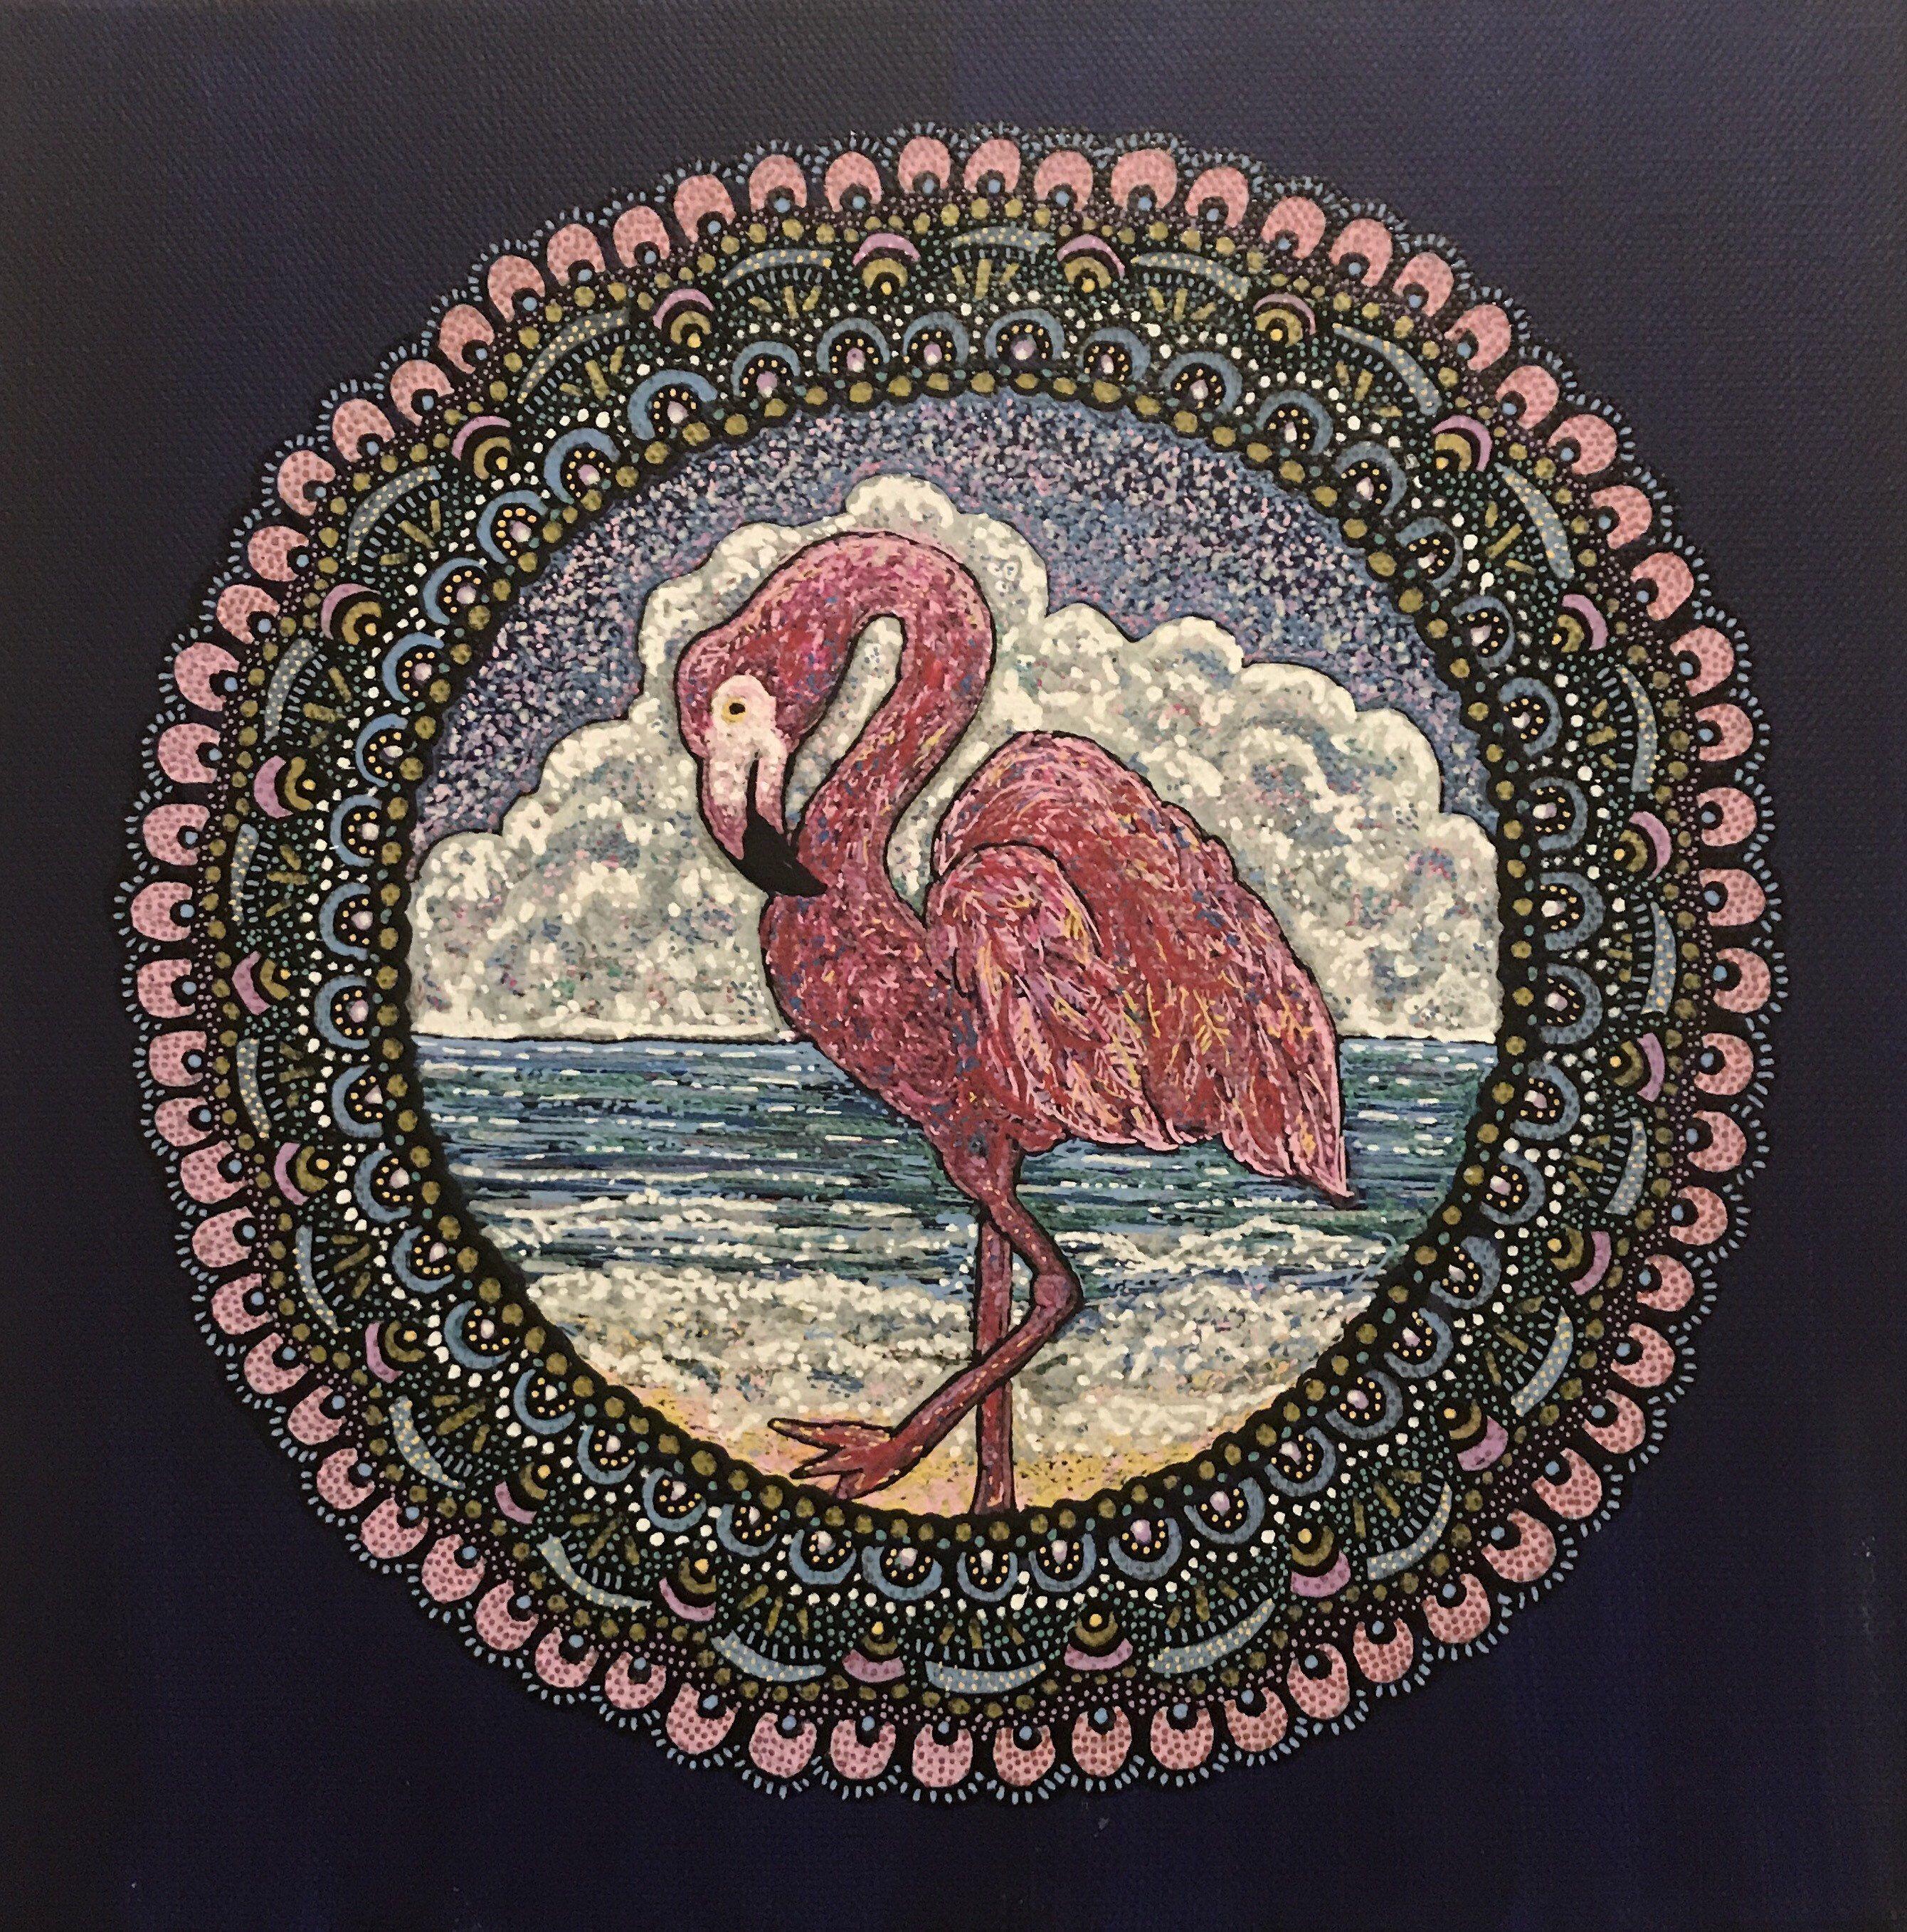 Flamingo mandala energy painting by mypathinspired on etsy